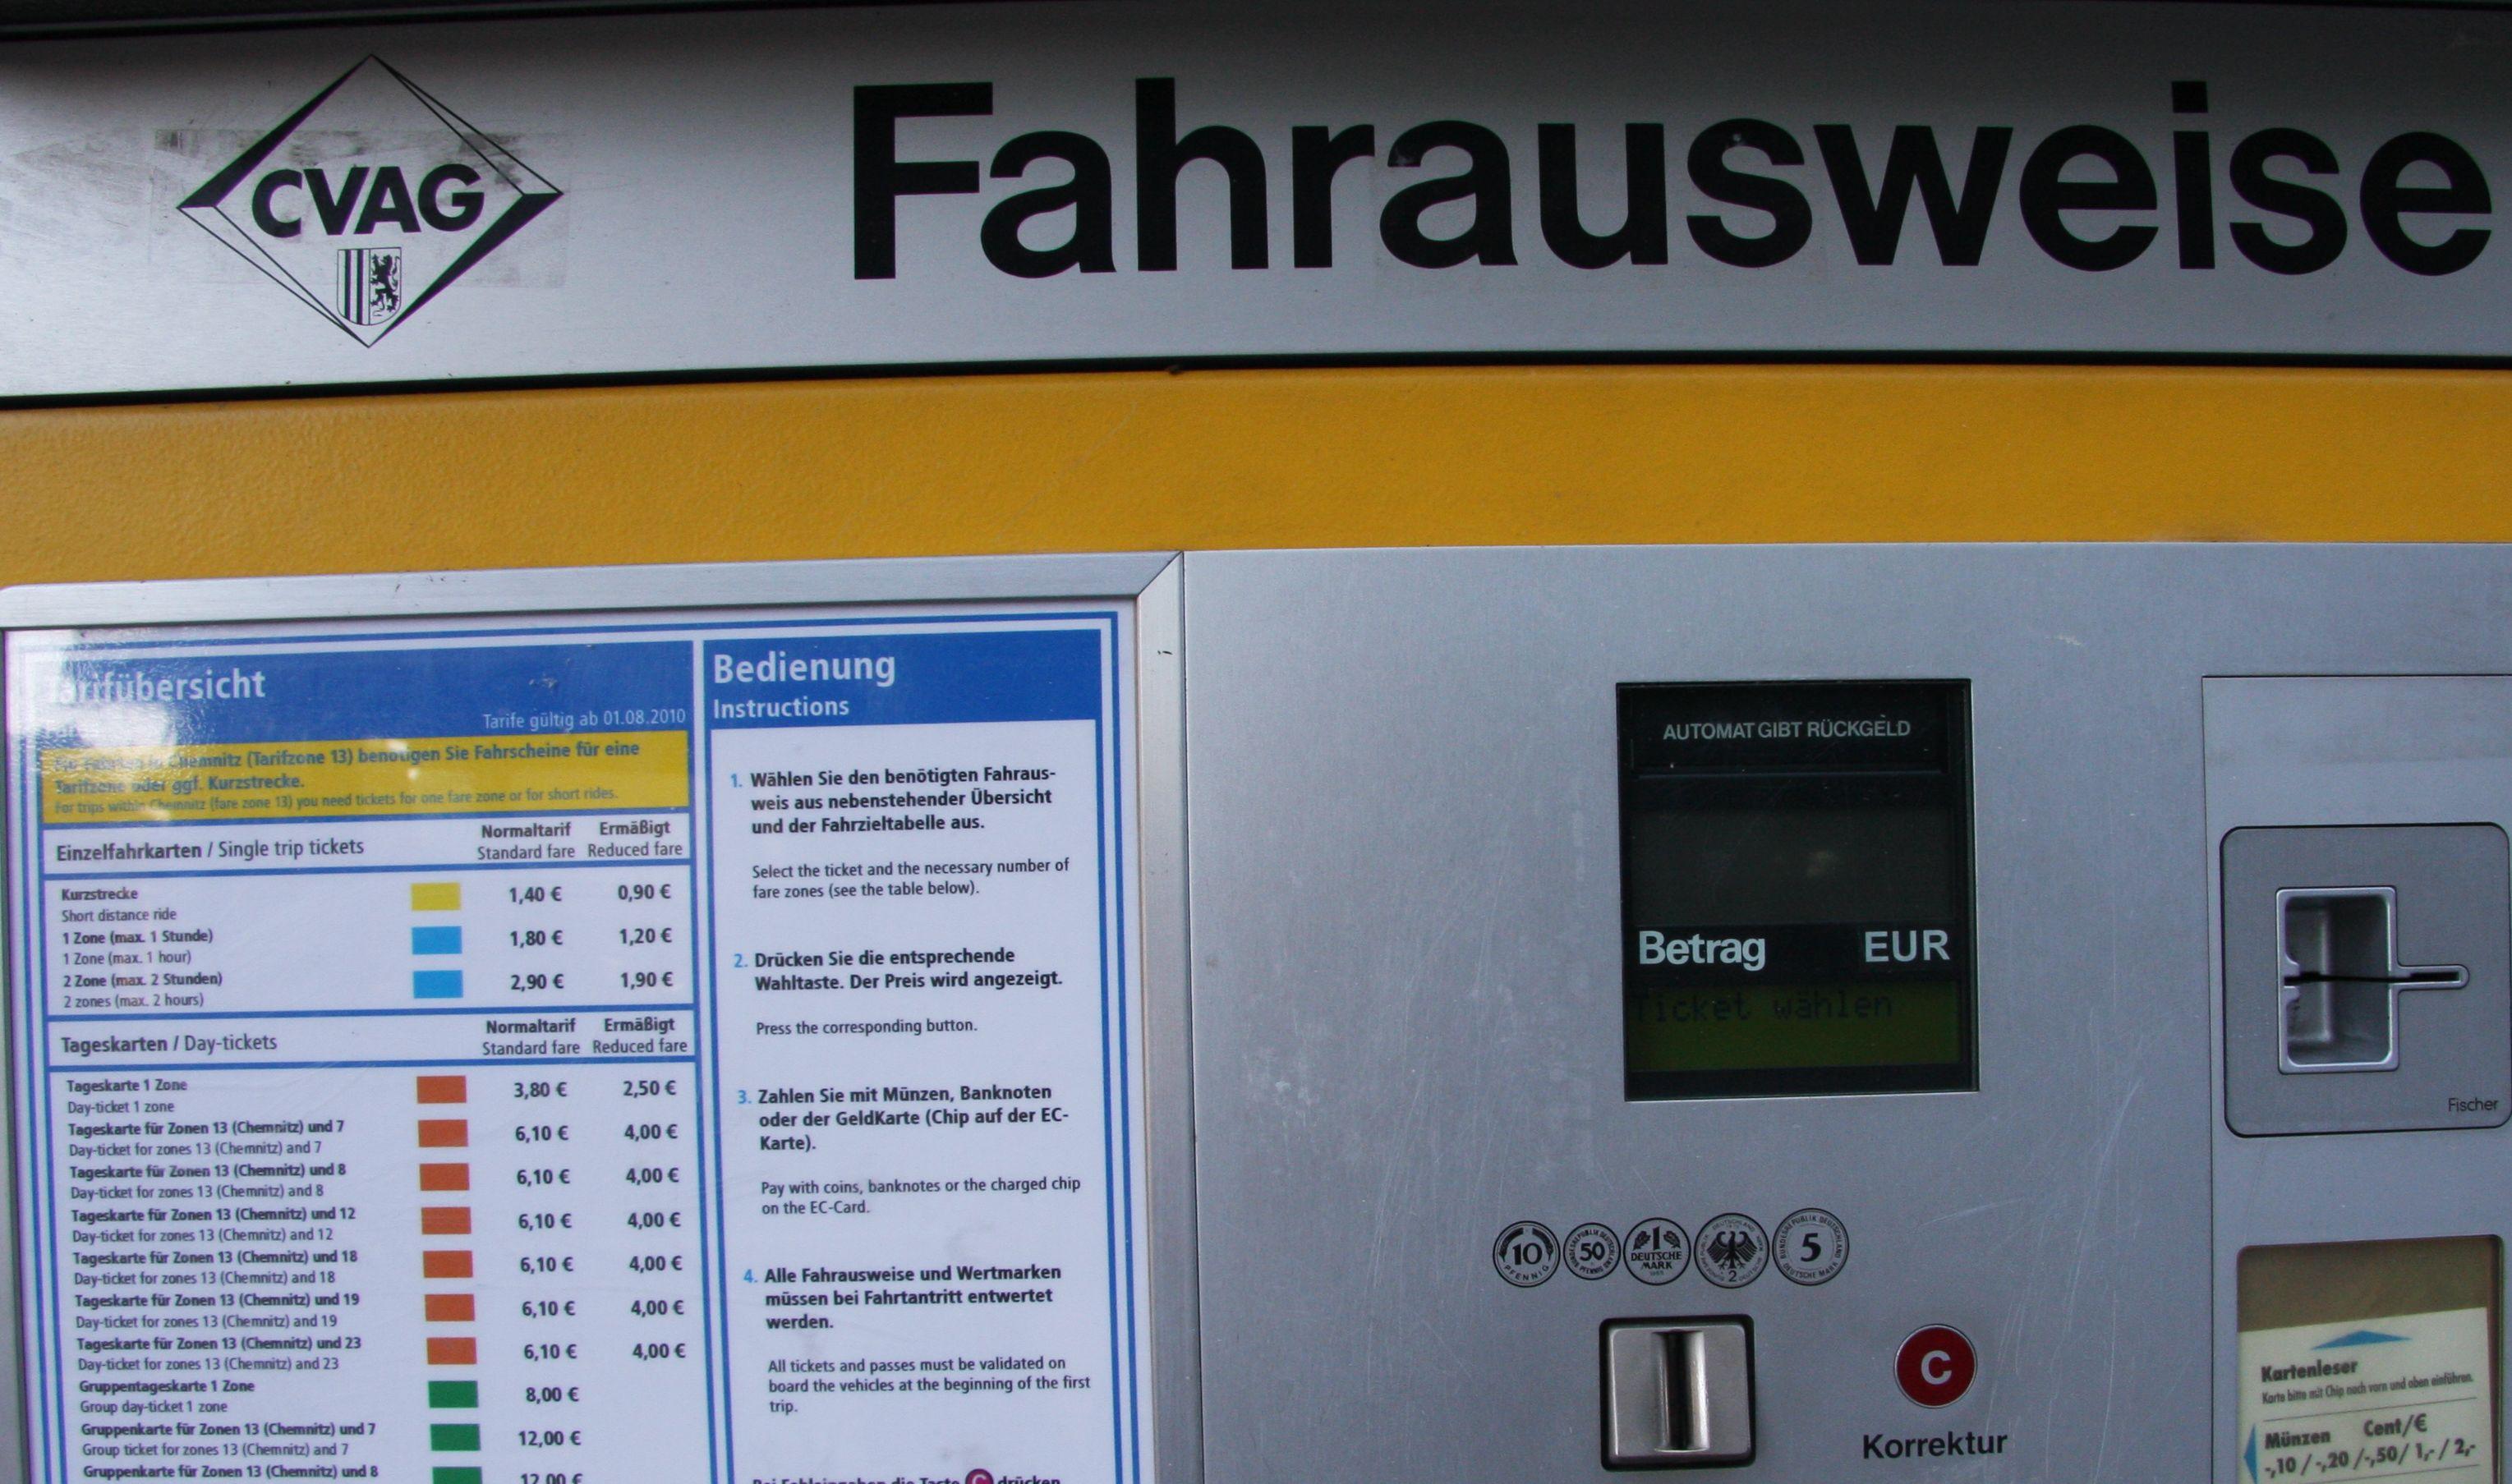 Wenn Chemnitz so modern und auf der Höhe der Zeit ist .... ?